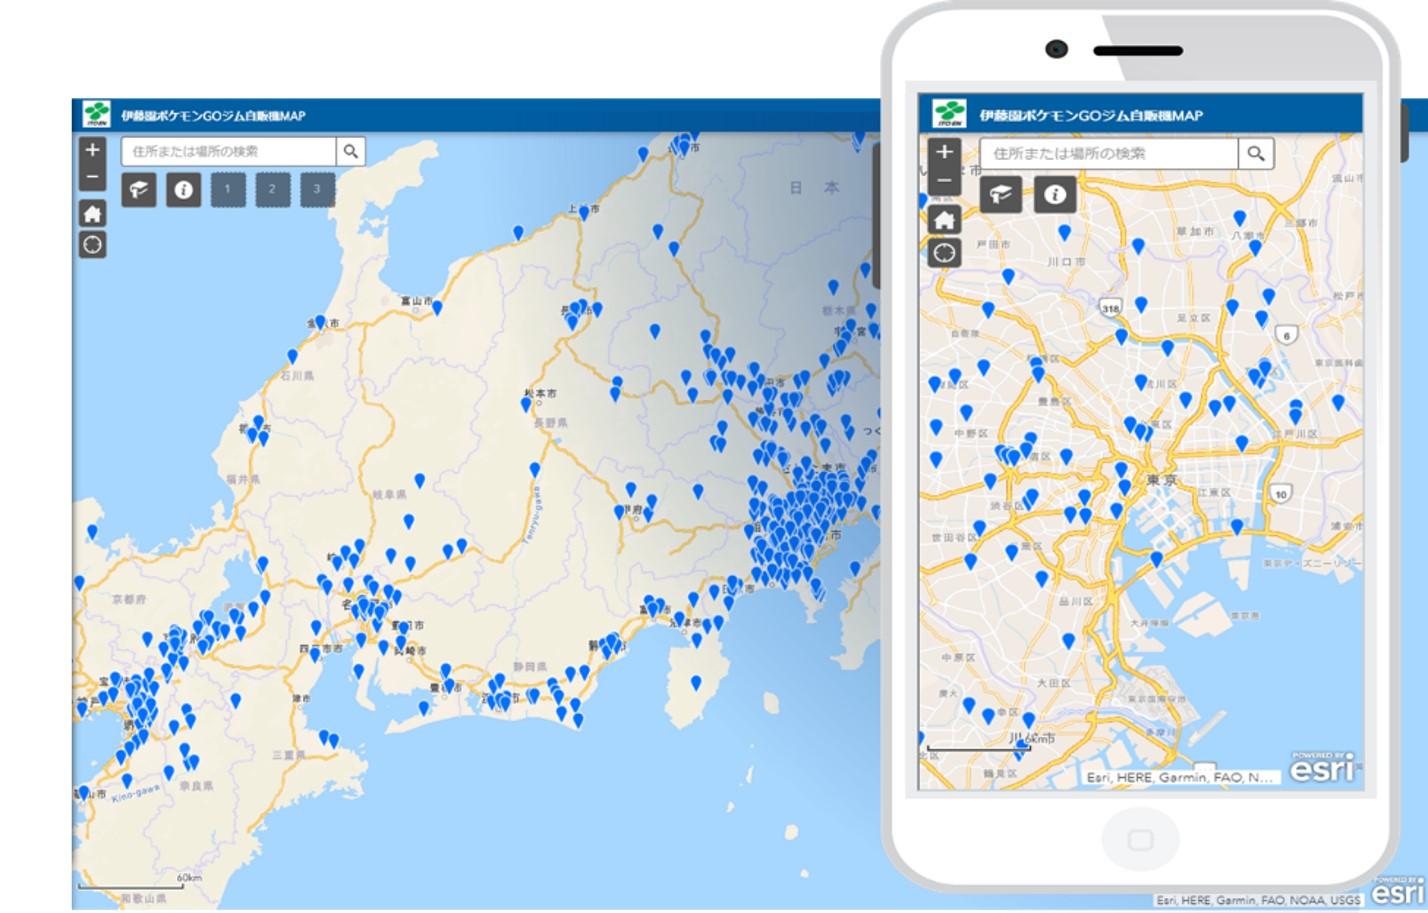 災害対応自販機の位置をマップで公開